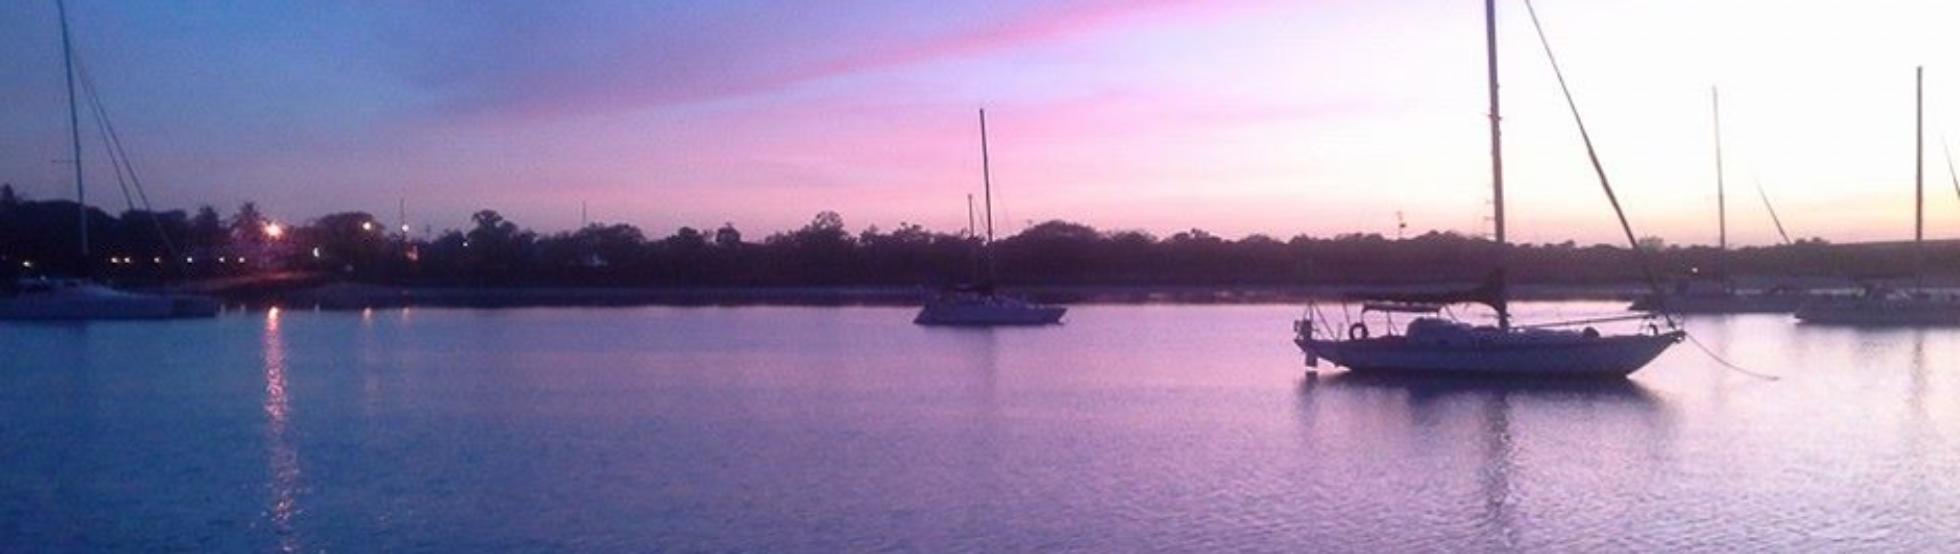 Gove Boat Club